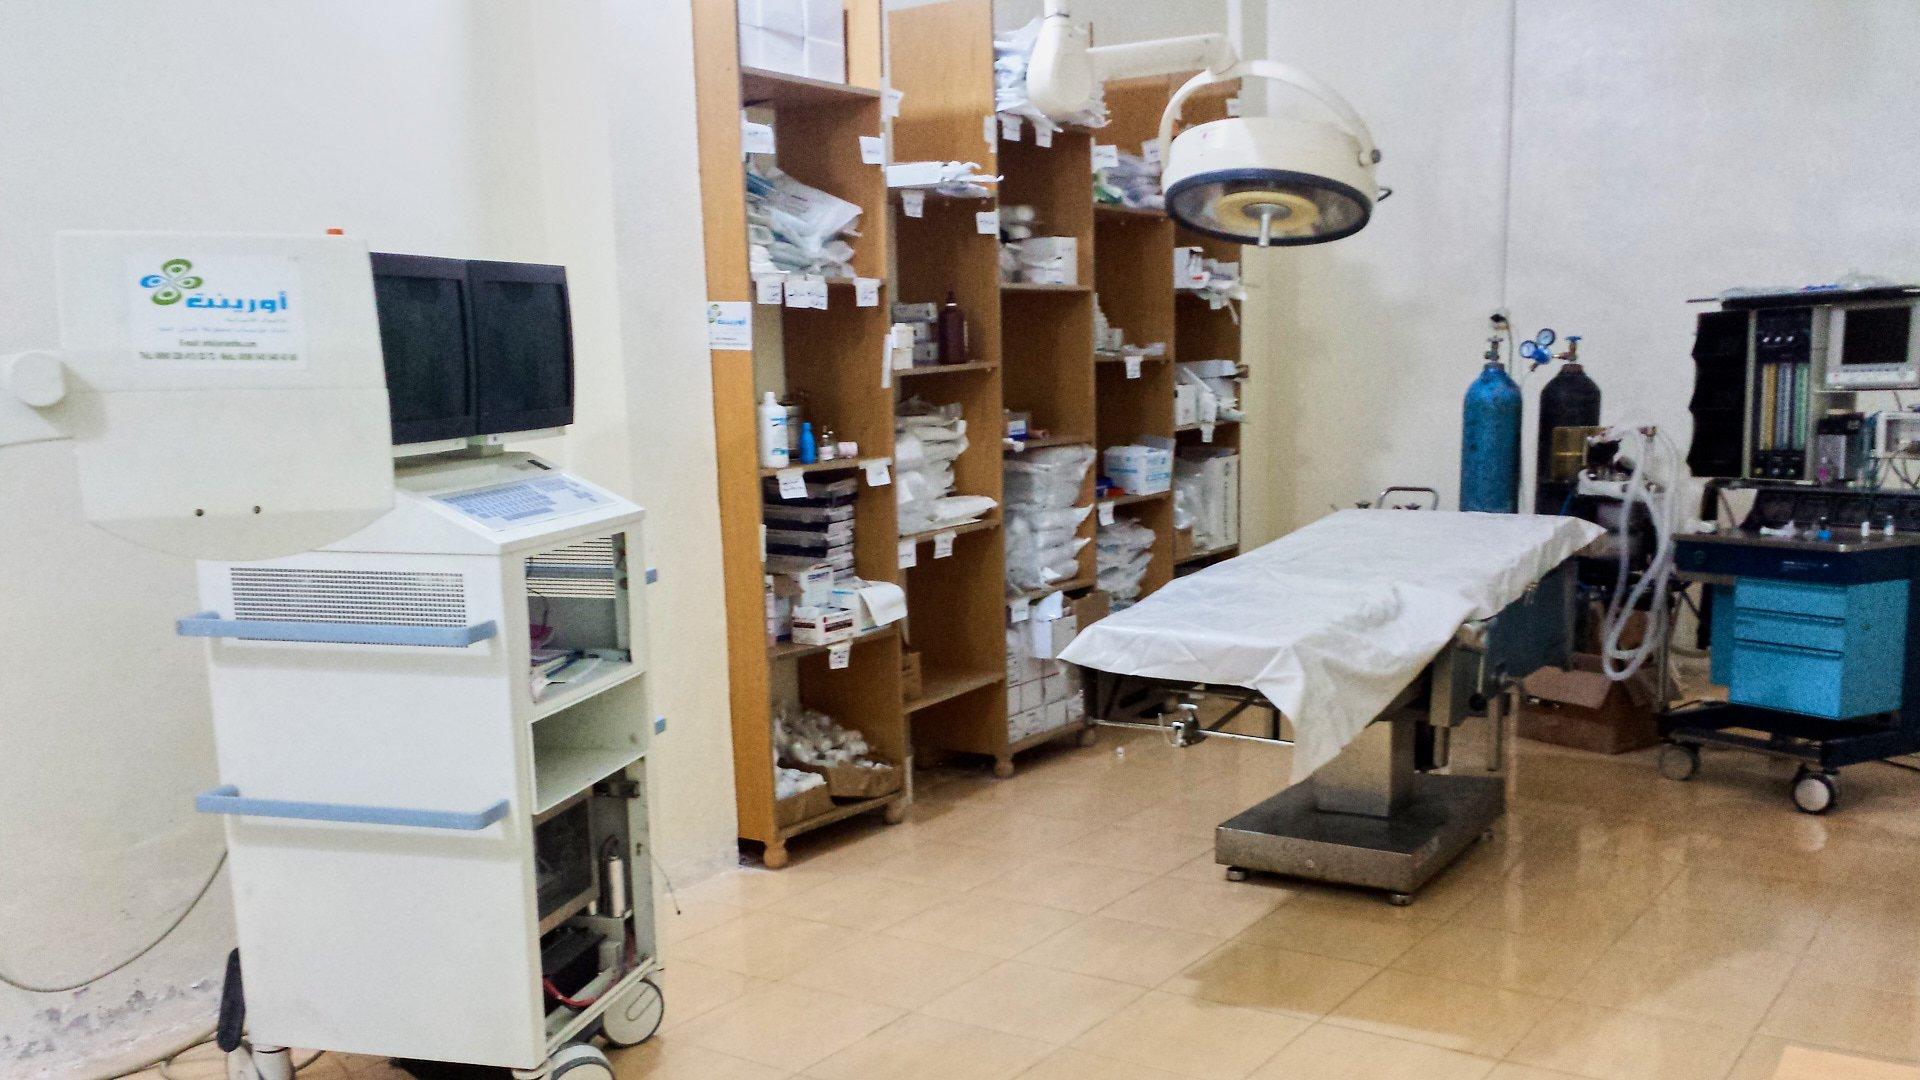 Krankenhaus in Darkusch/Qunaya, 2014. Die USSA (Union der syrischen Studenten und Akademiker, Berlin) transportierte 2014 ein Röntgengerät dort hin. HHC wurde von Mitgliedern der USSA 2015 gegründet. Die Hilfslieferungen von 2011 bis Spätsommer 2015 liefen unter dem Namen der USSA.